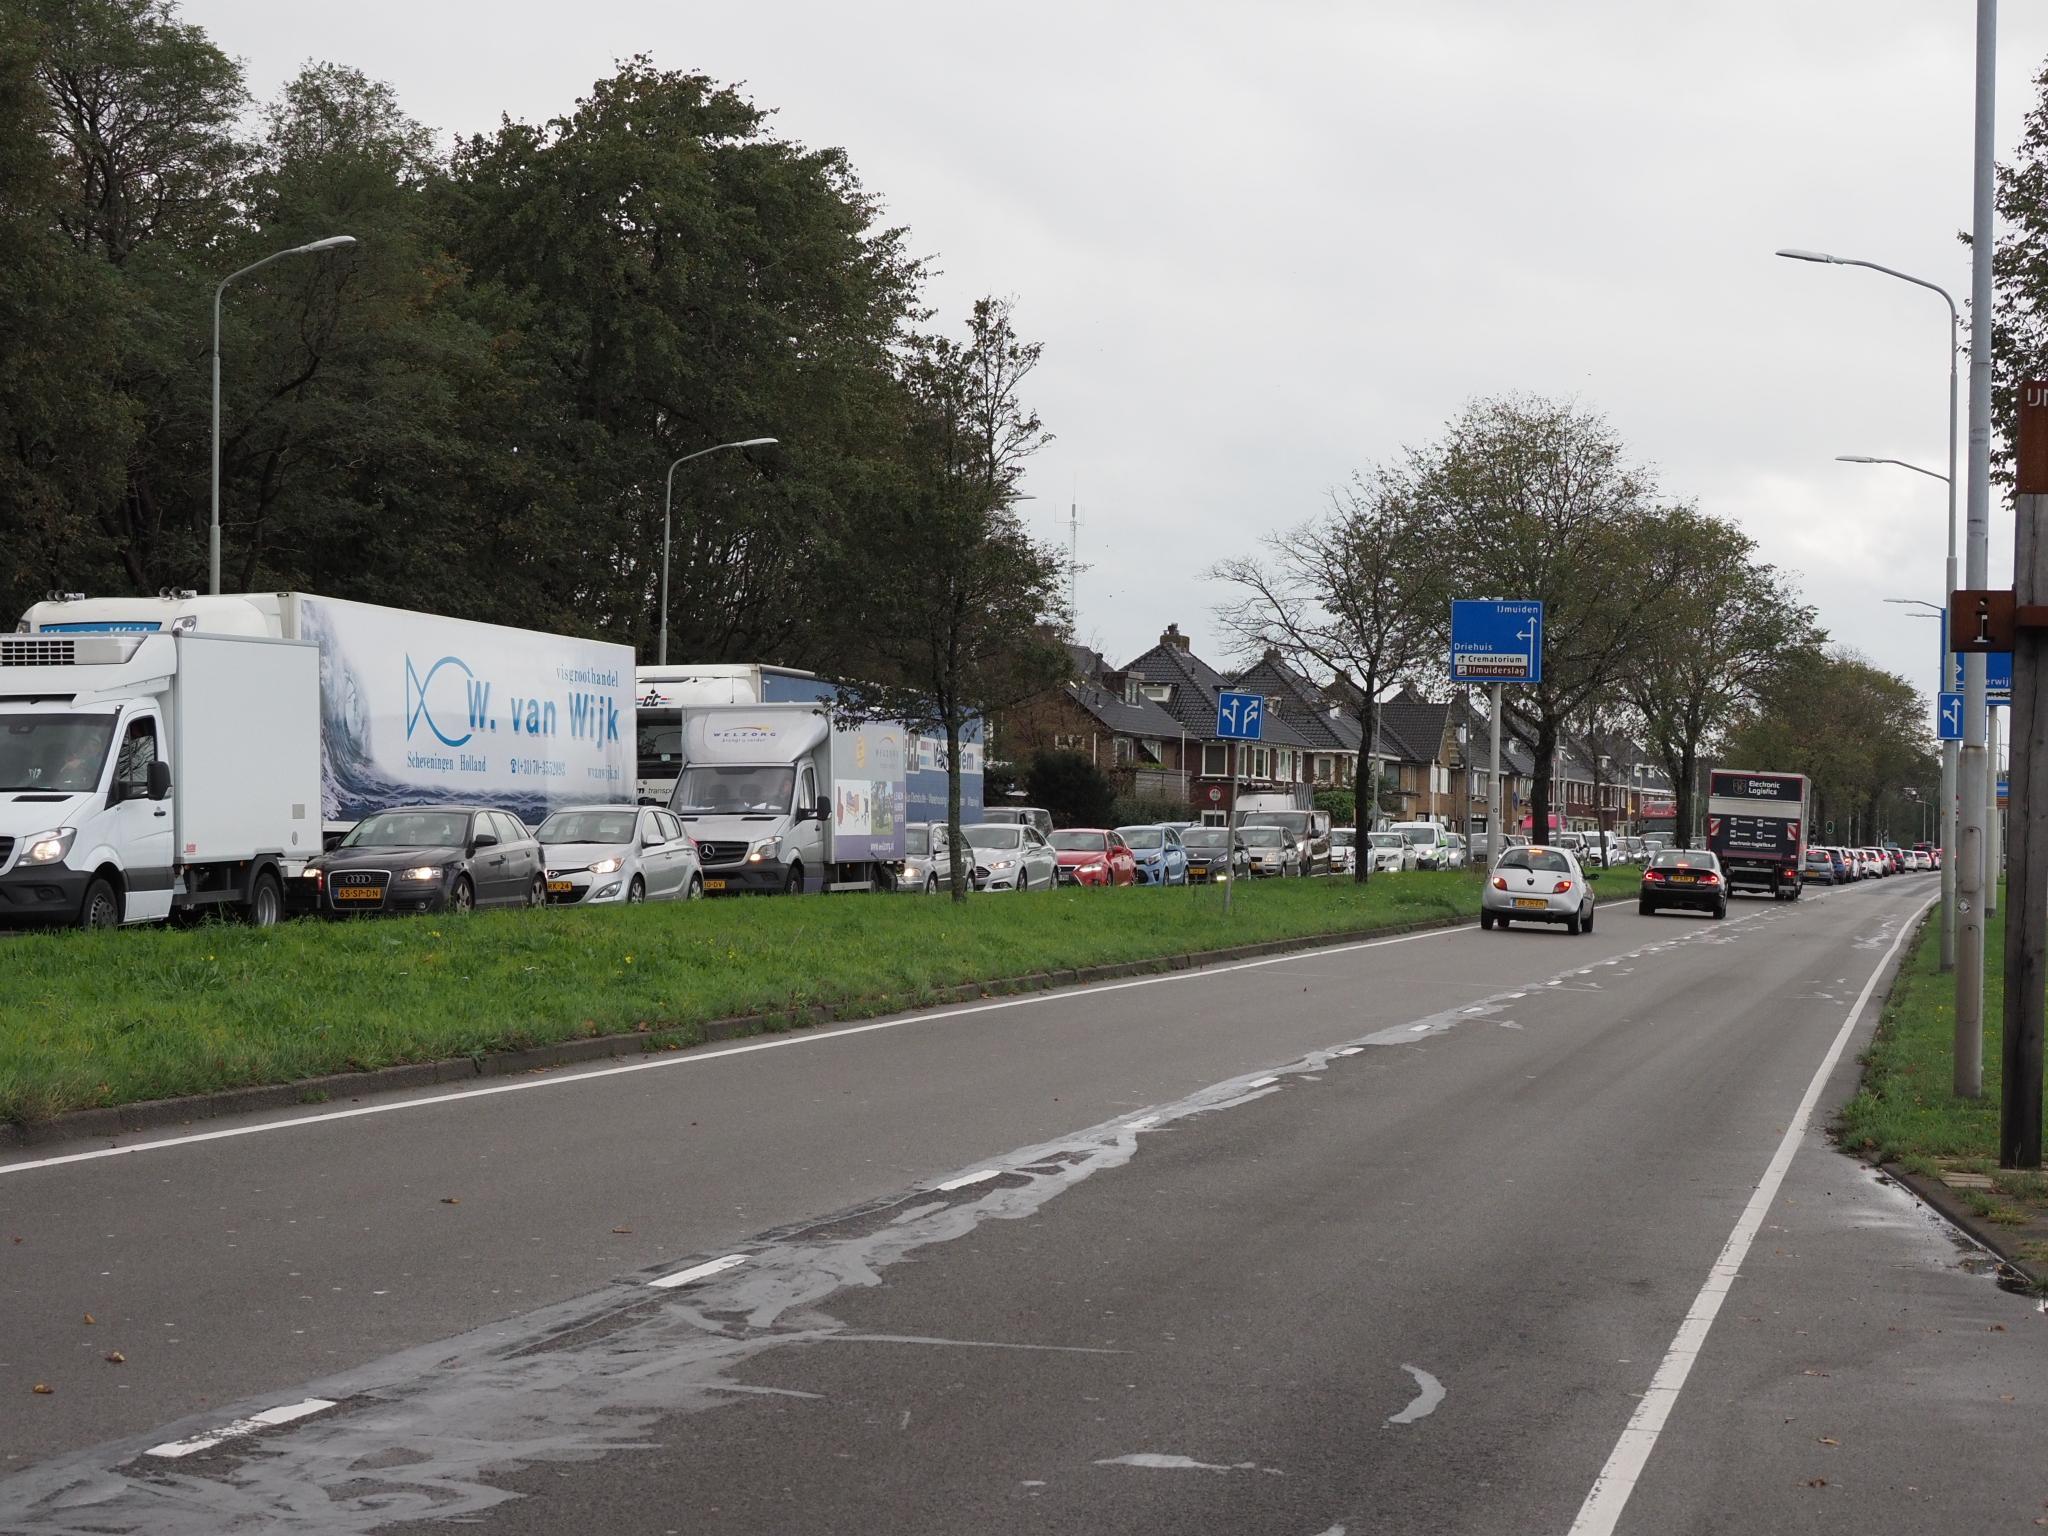 Twee auto's botsen frontaal op Rijksweg in Velsen-Zuid; bestuurster naar ziekenhuis